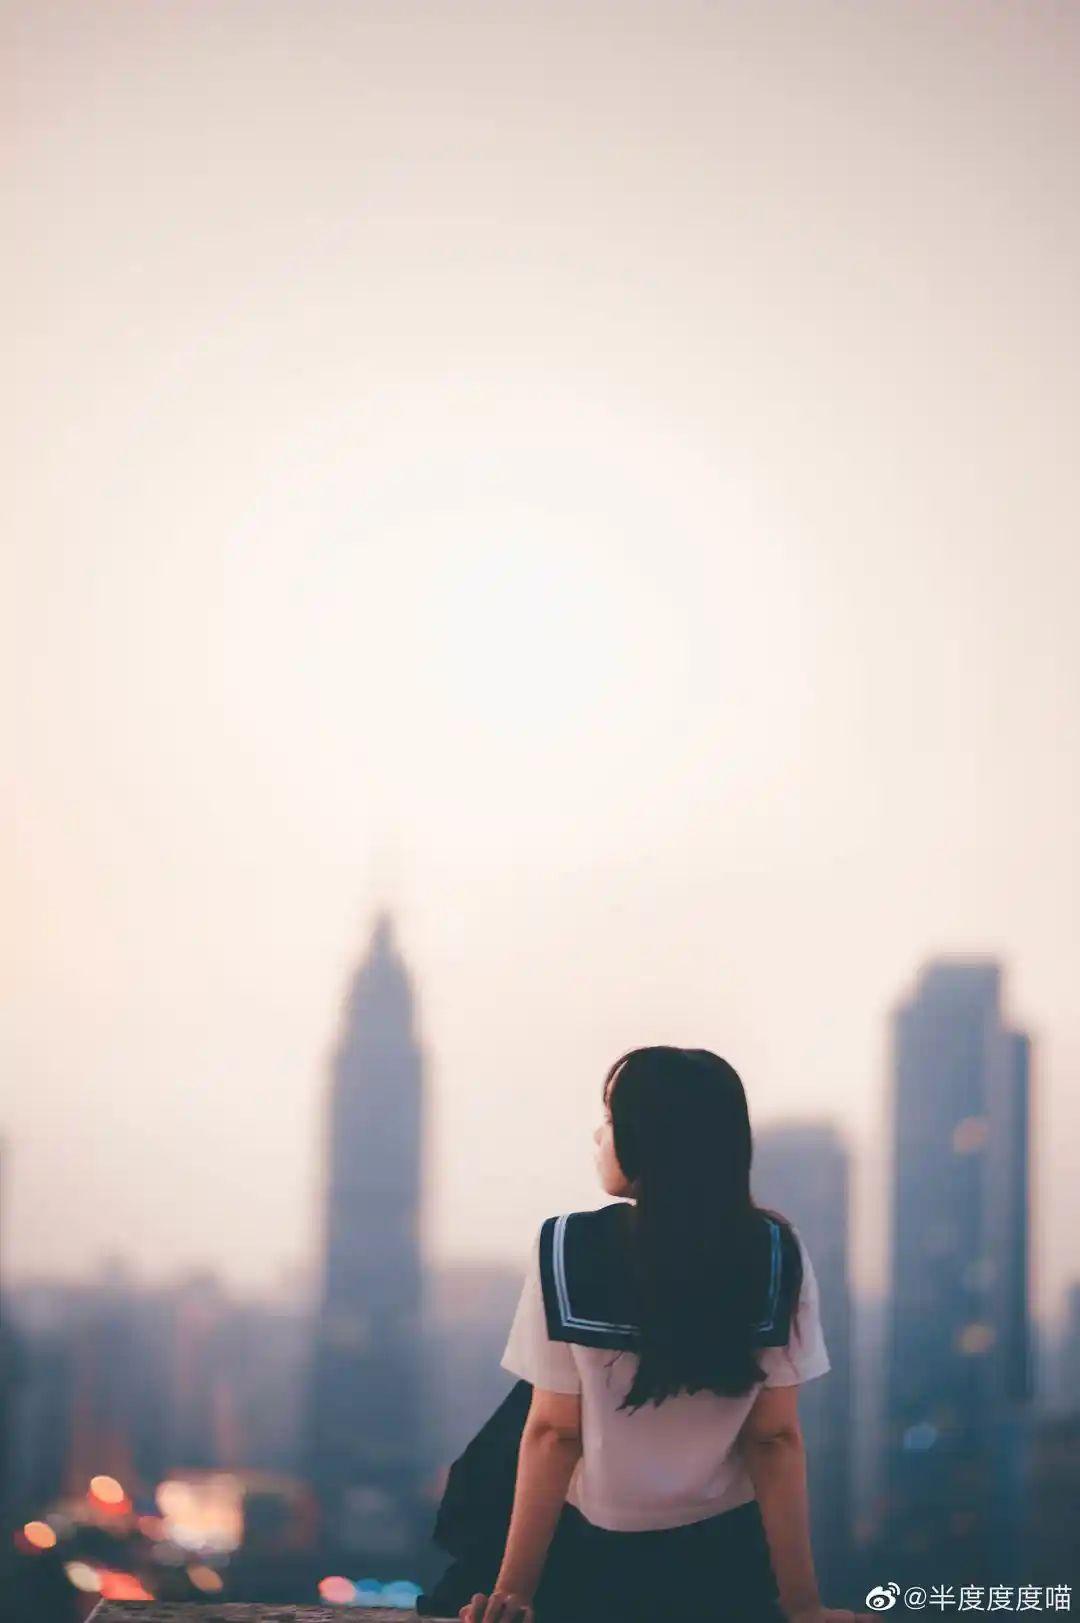 妹子摄影 – 元气JK制服少女,站在天台眺望高楼和朝阳_图片 No.7